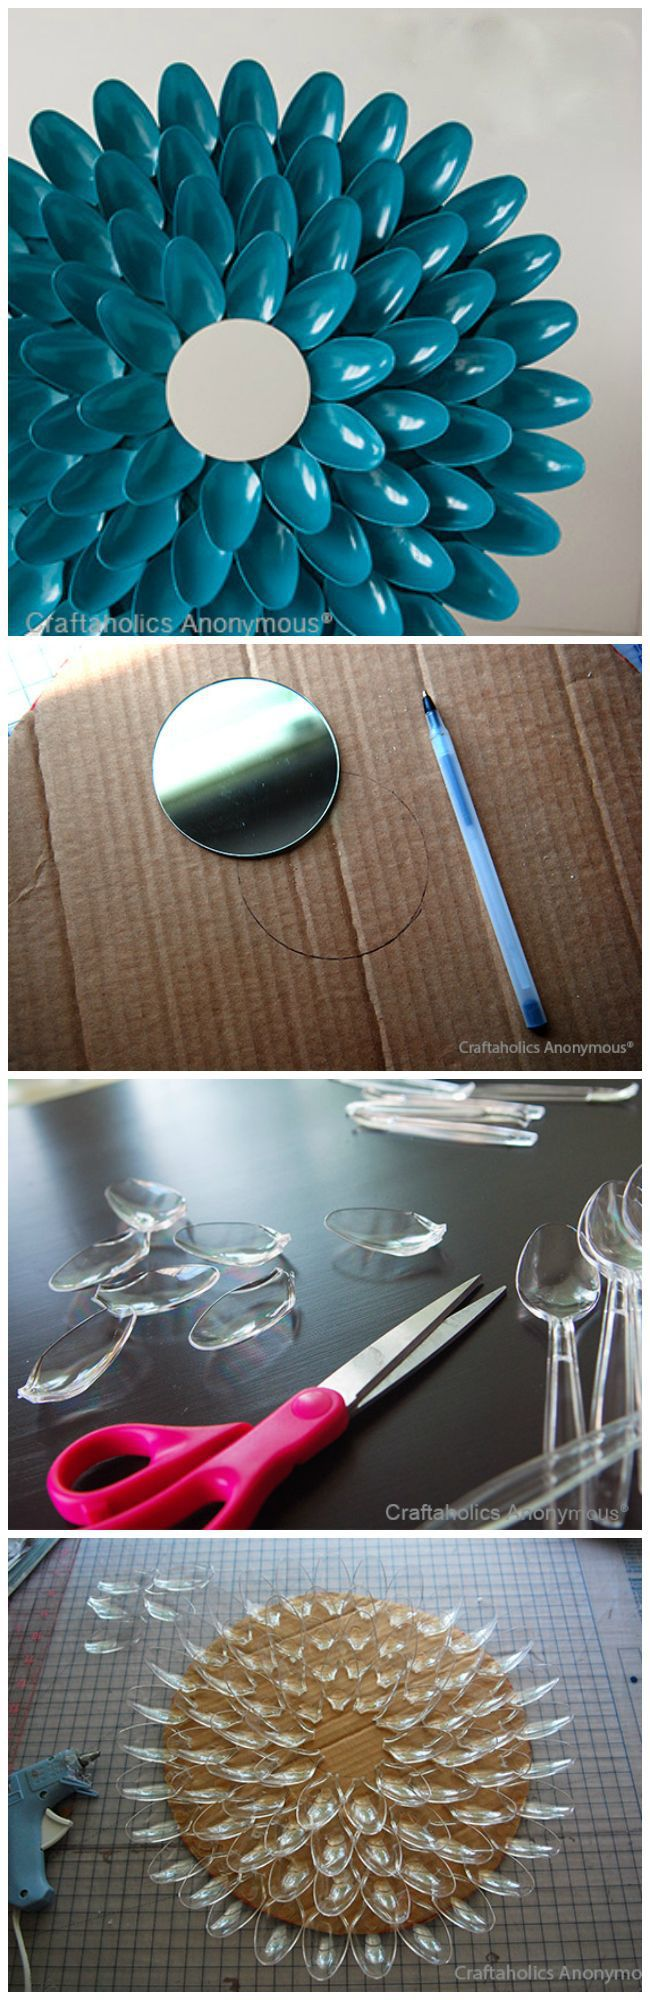 #tutorial #rama #oglinda #diy #doityourself #linguri  #plastic #morror #spoon #diybazaar